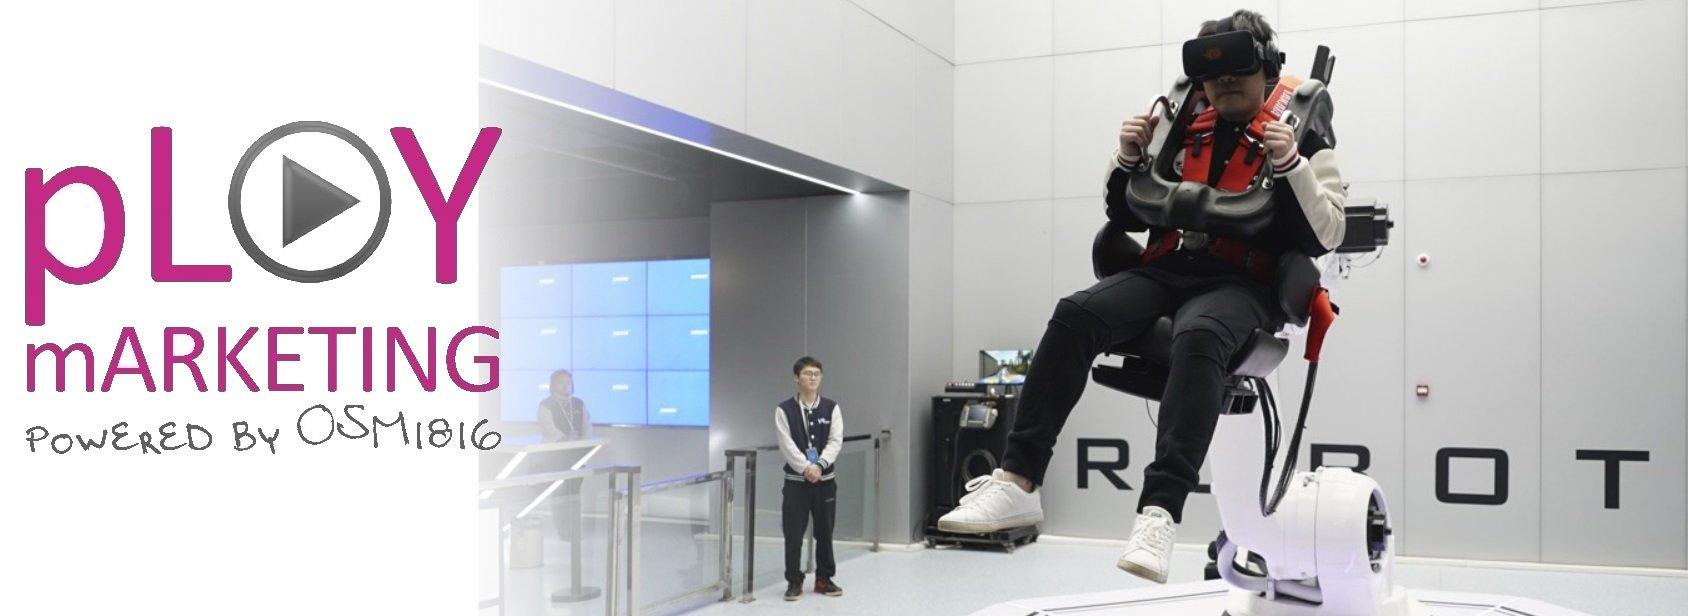 Luna Park e Realtà Virtuale: in arrivo il divertimento in VR